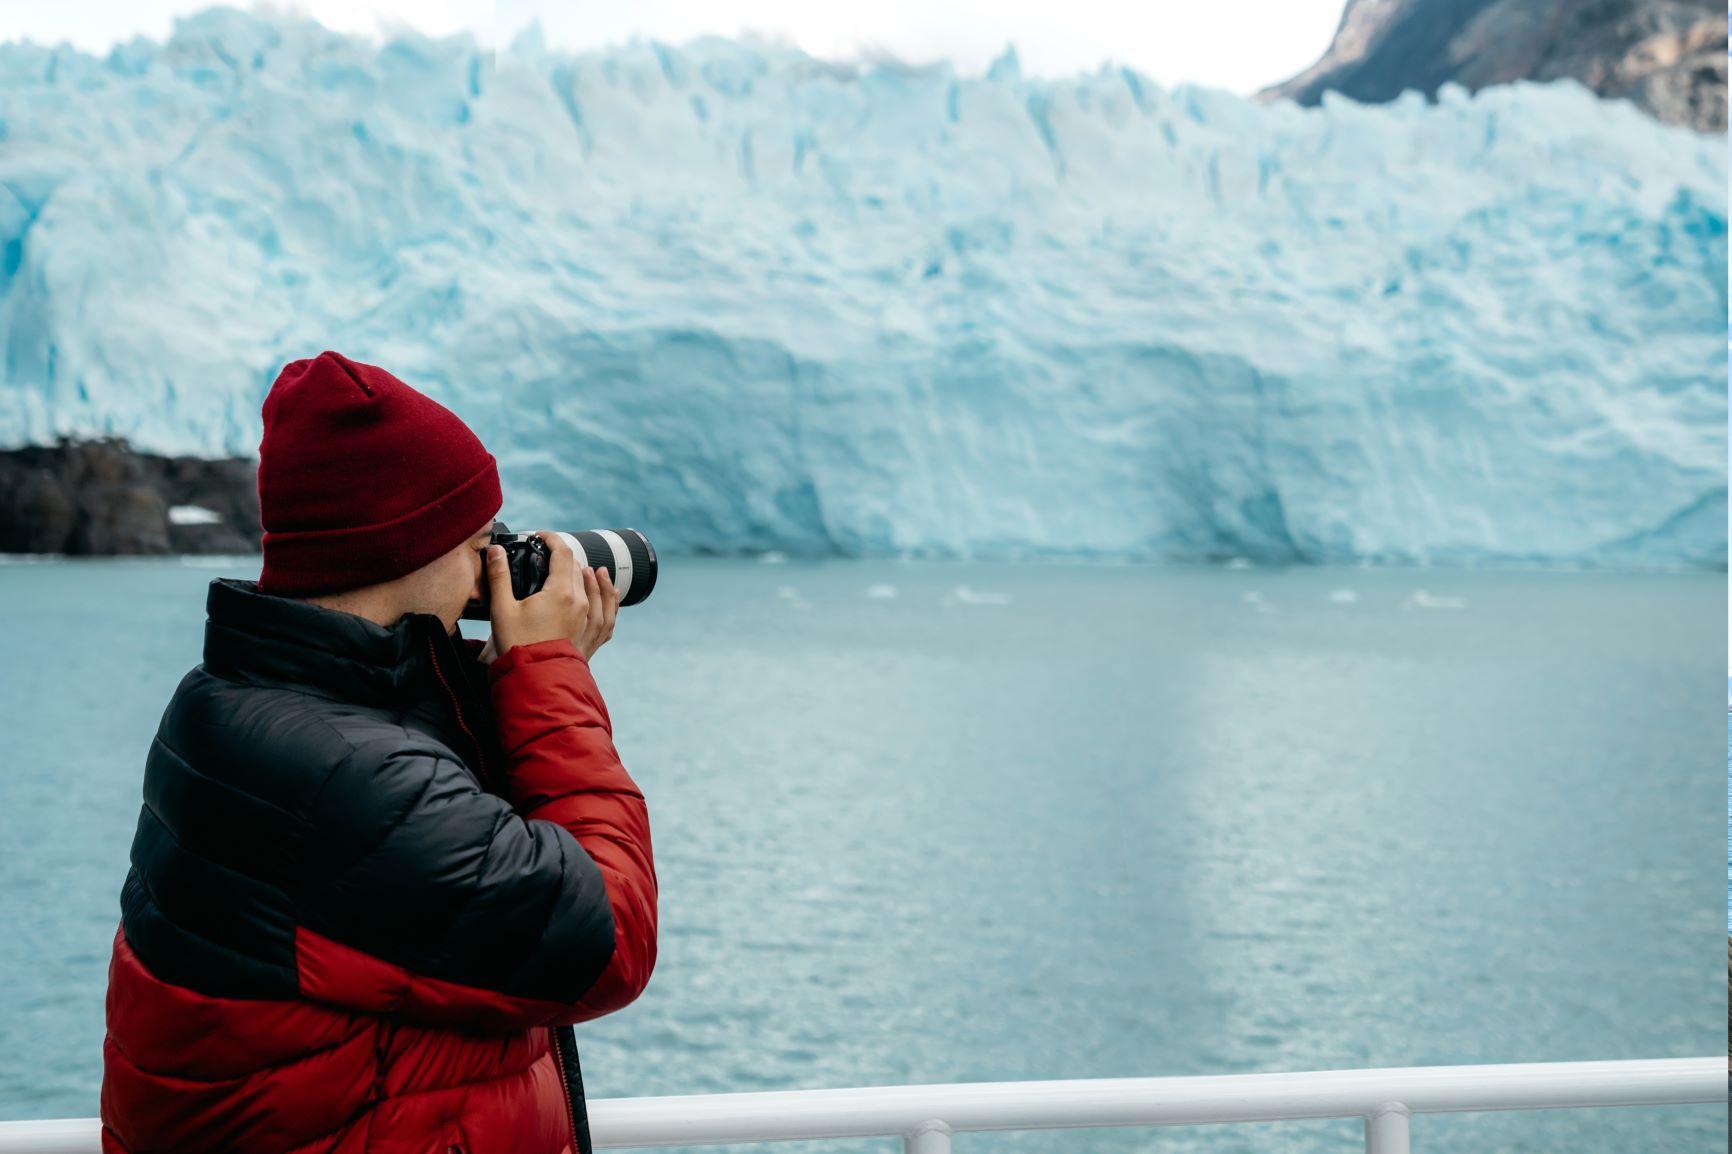 Como elegir el mejor lente para tus proyectos fotográficos